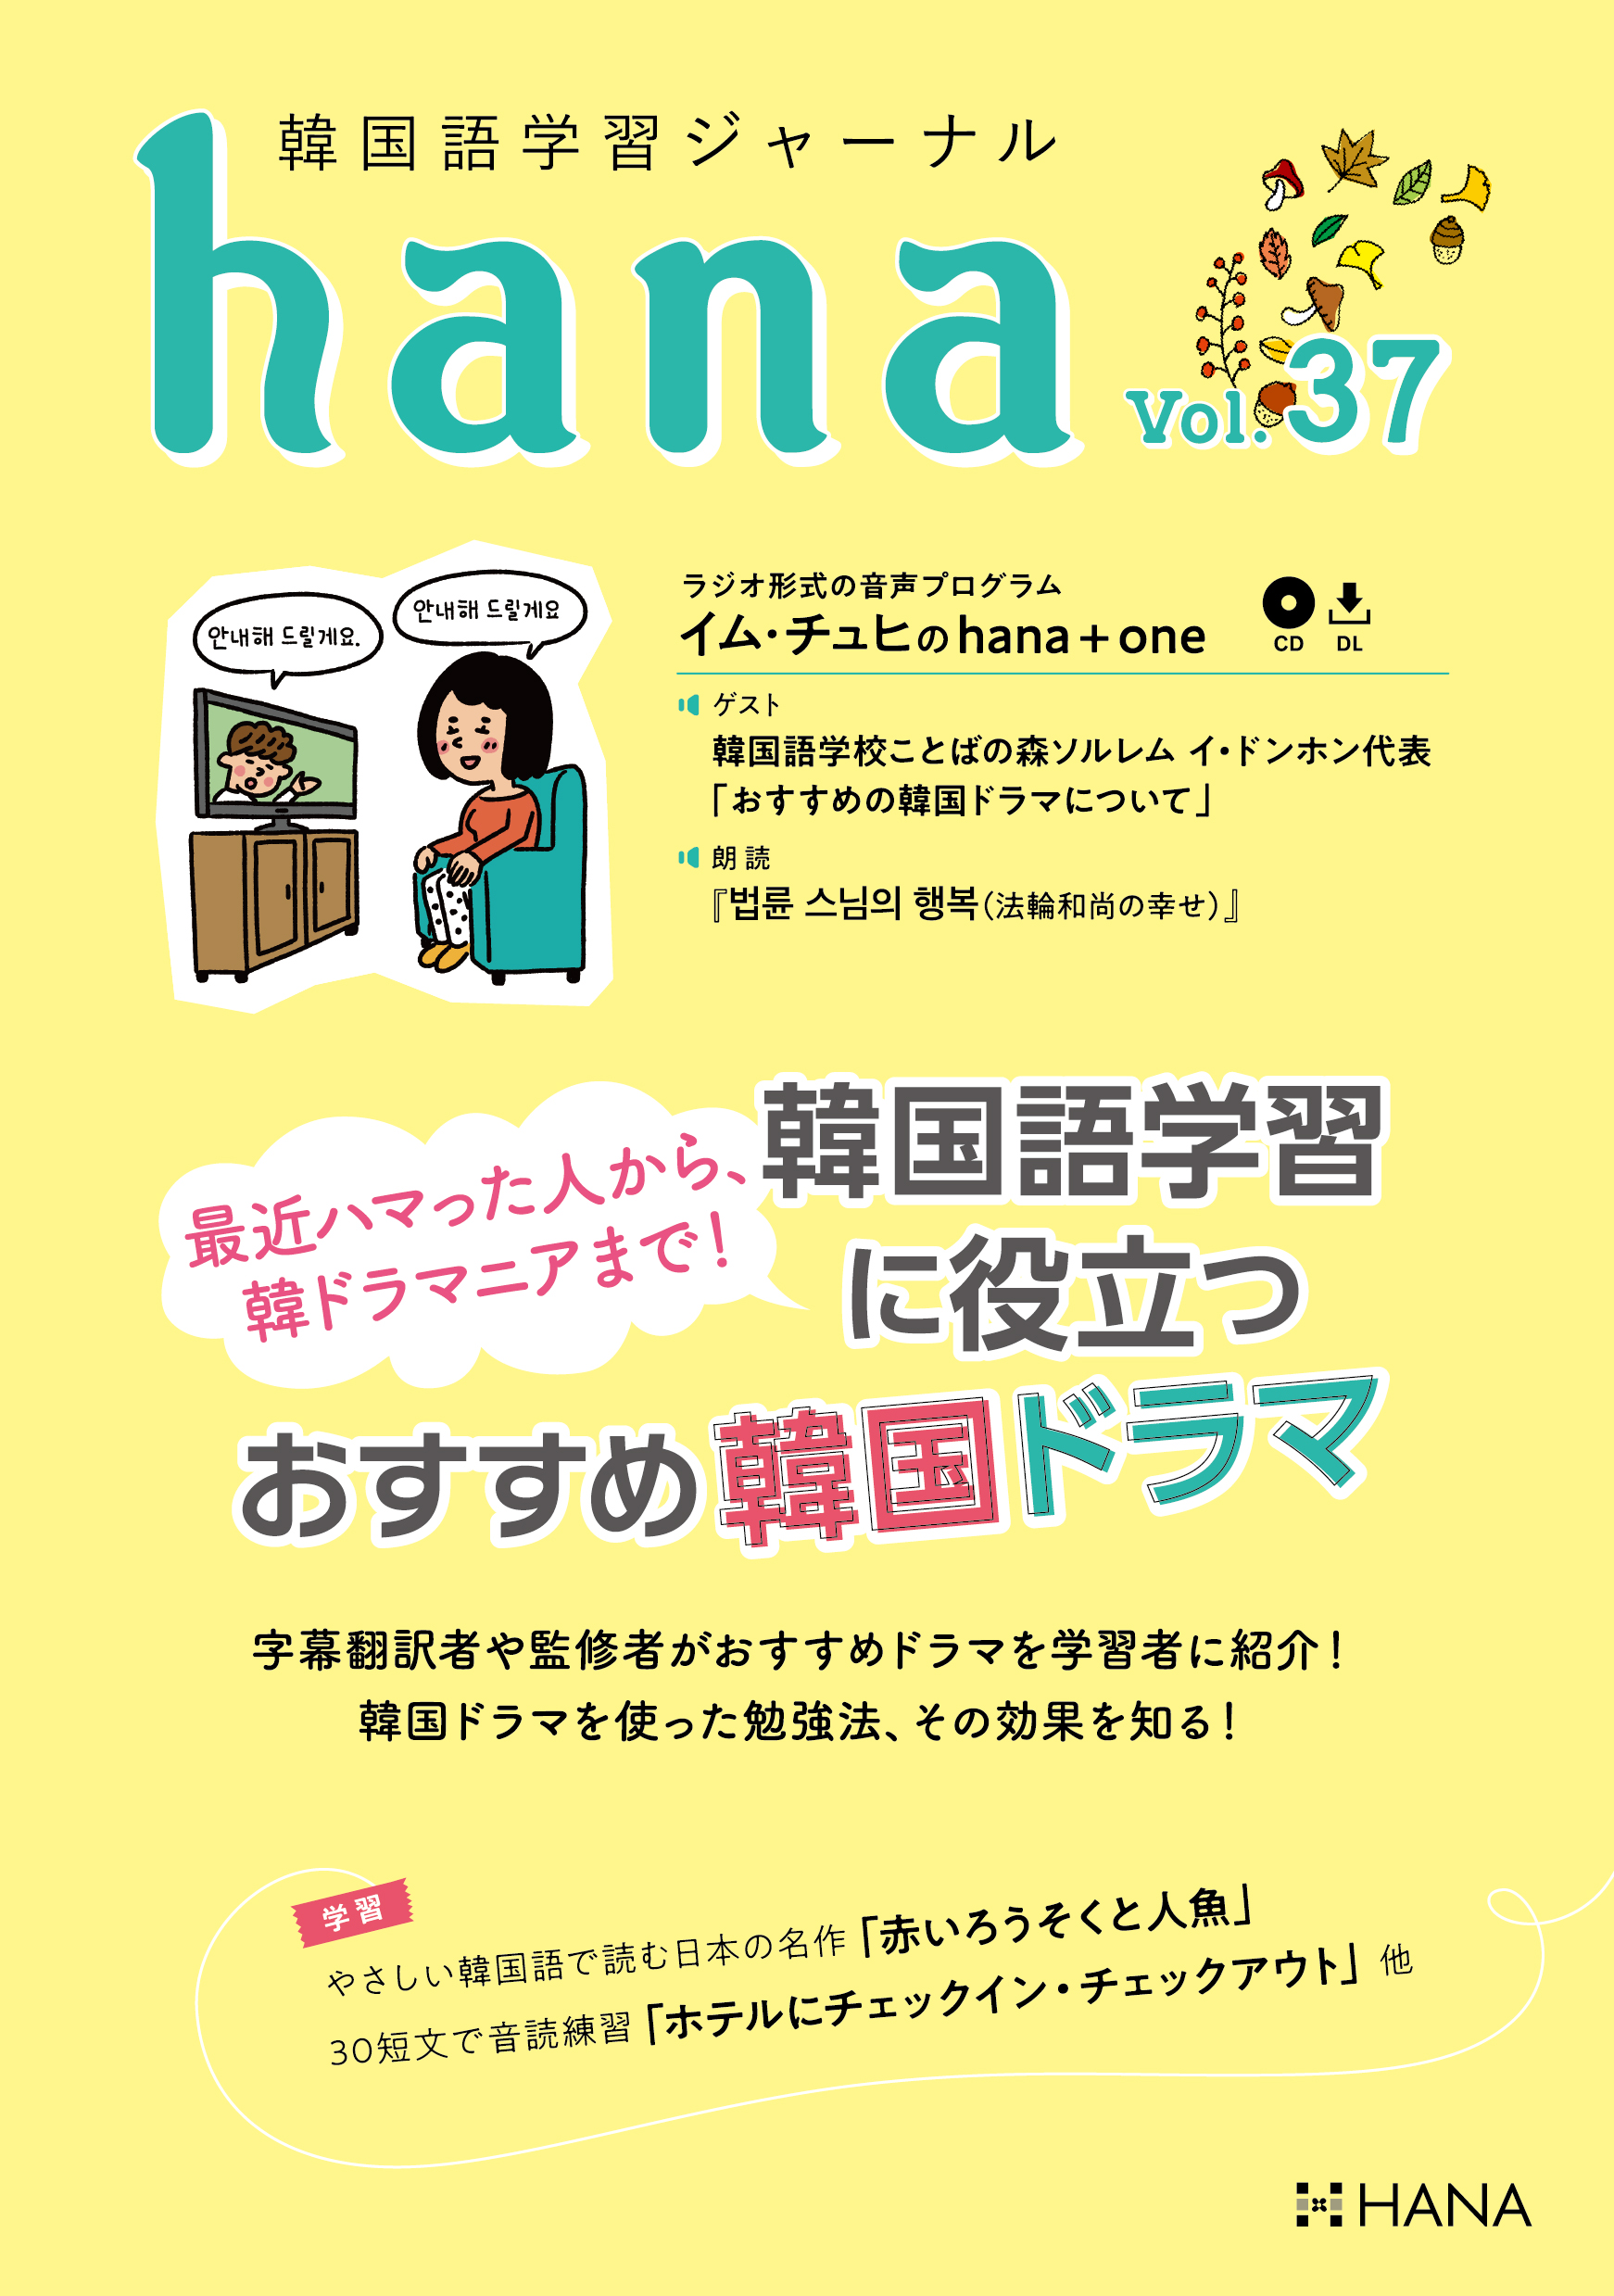 『韓国語学習ジャーナルhana Vol. 37』のイメージ